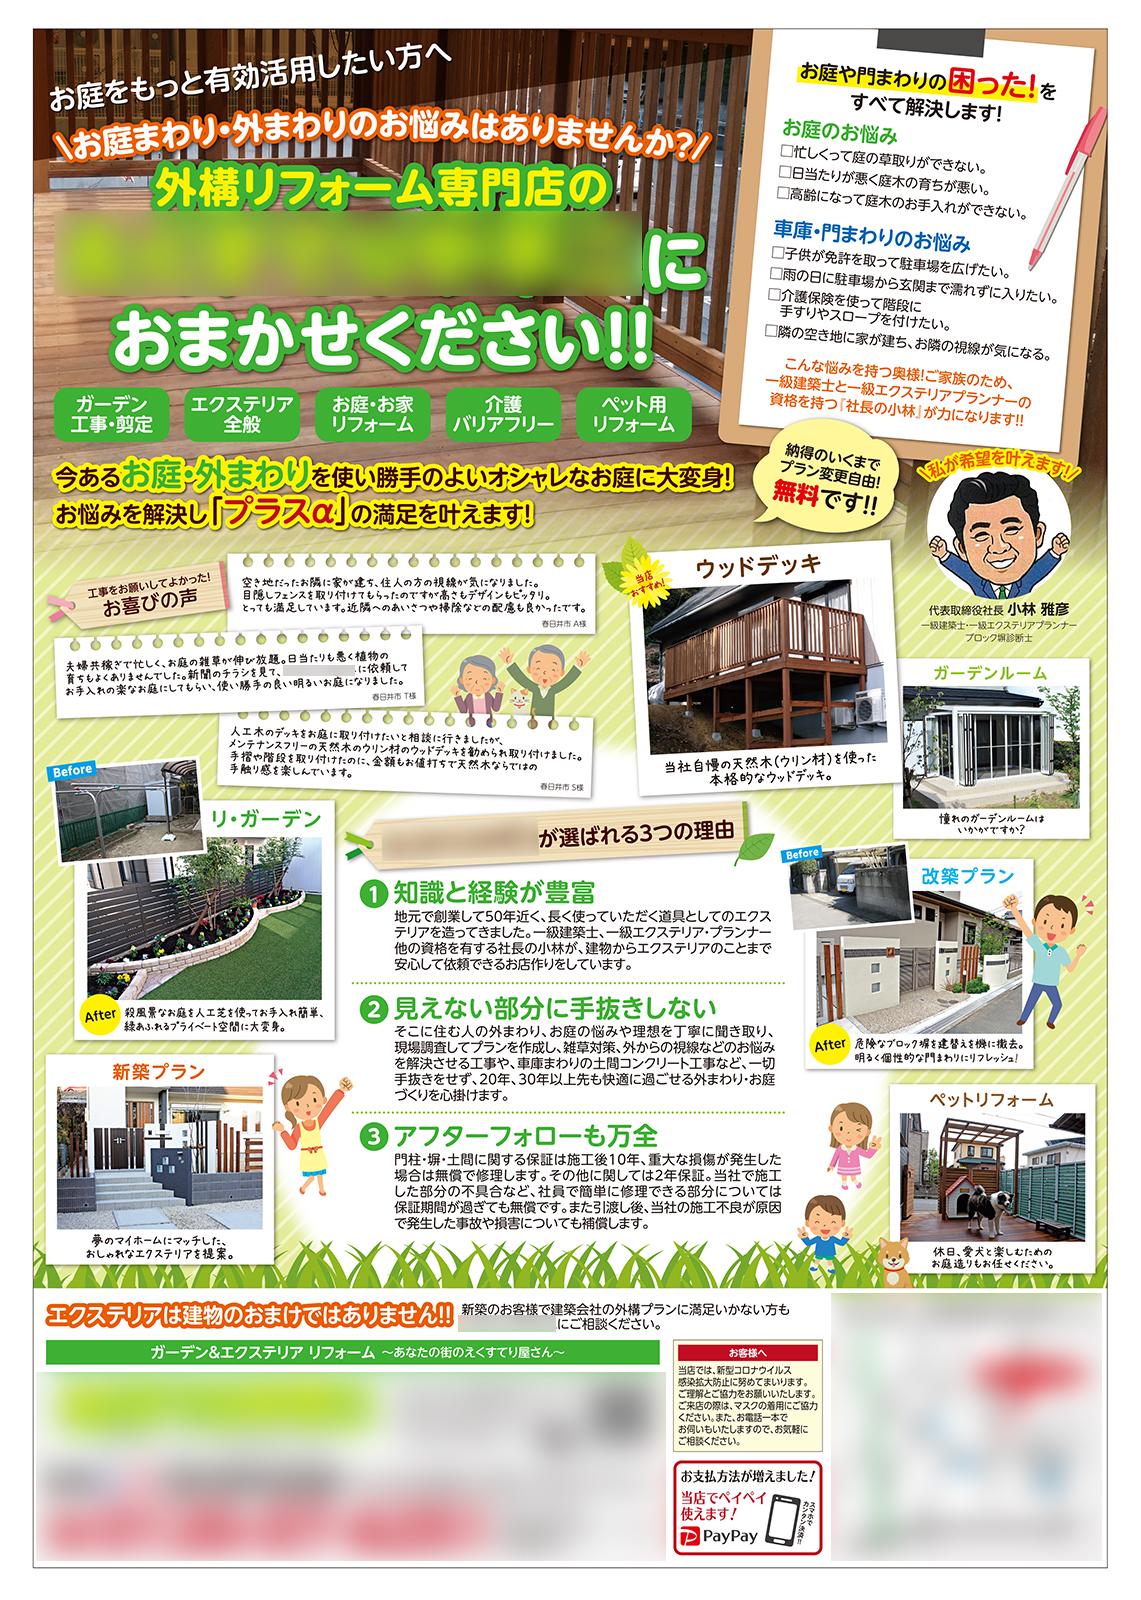 住宅・工務店・リフォーム・不動産業界向け「A4」1枚アンケートから反響ある広告作り